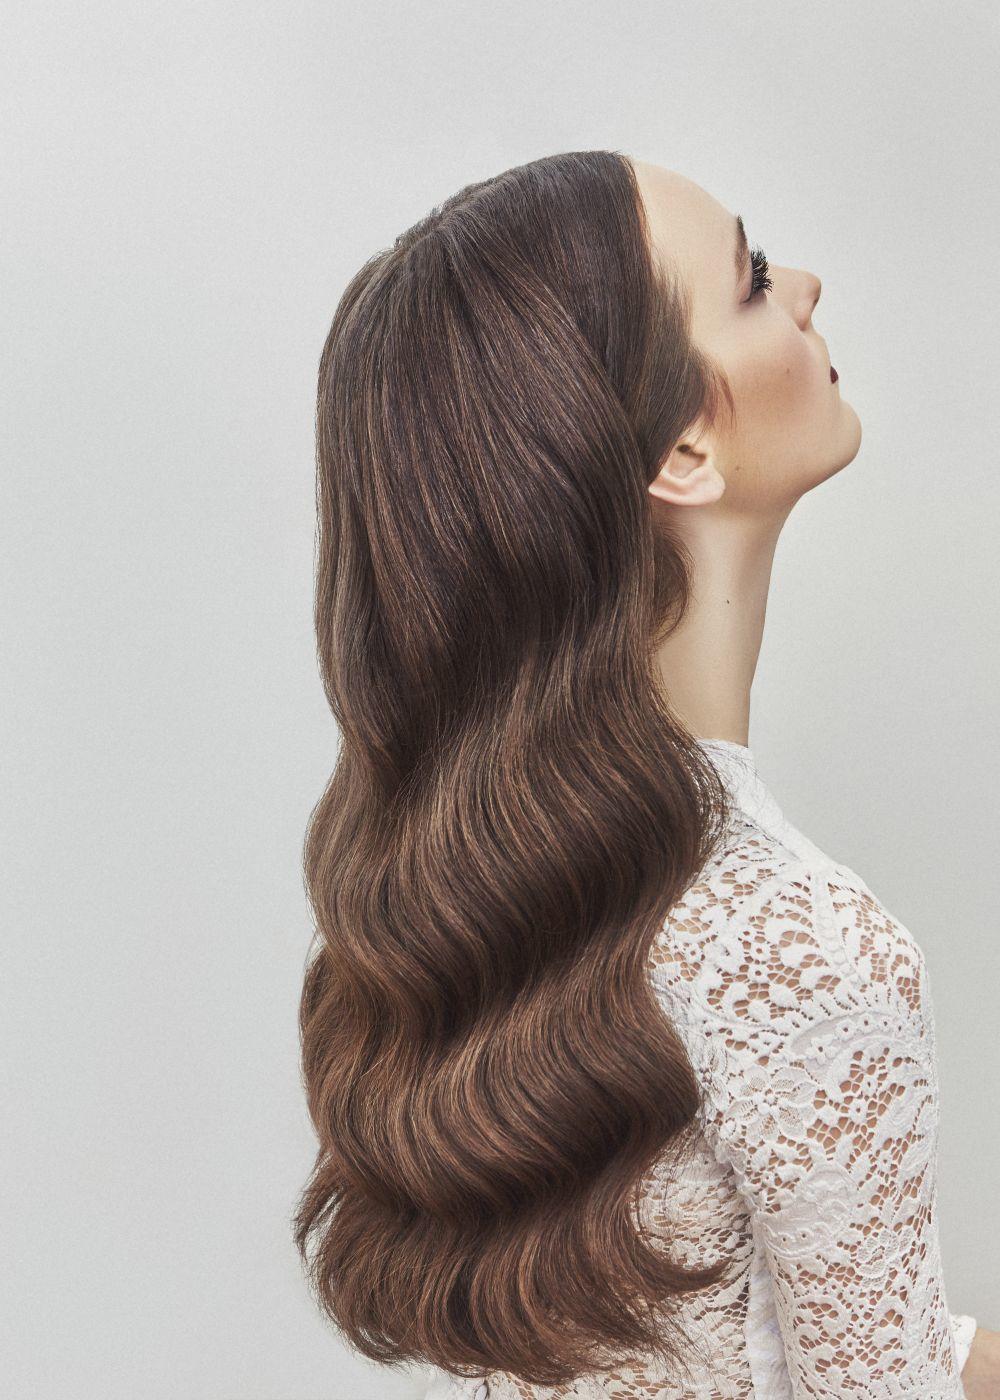 Las Tendencias De Peinados Para Novias Que Llevaras En 2019 Telva Com